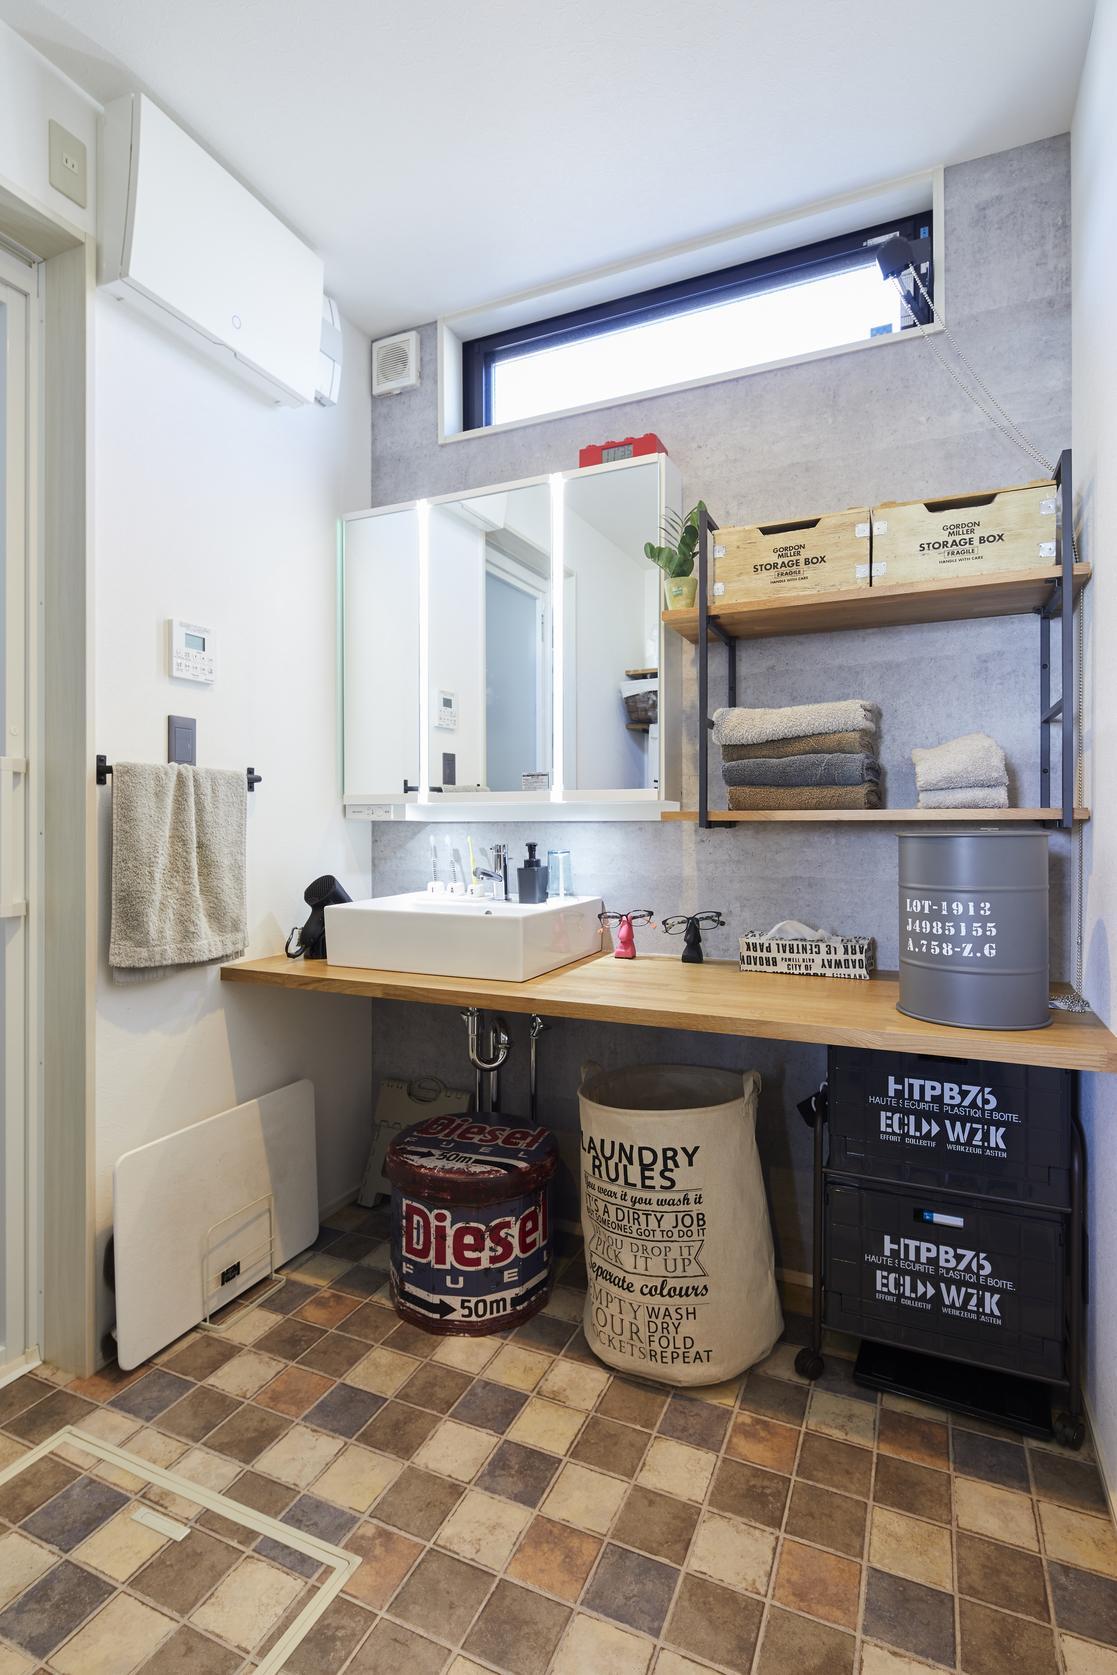 洗面は半造作という既製品と造作部分をうまく組み合わせた方式を取り、使い勝手の良さとデザイン、コストカットを両立